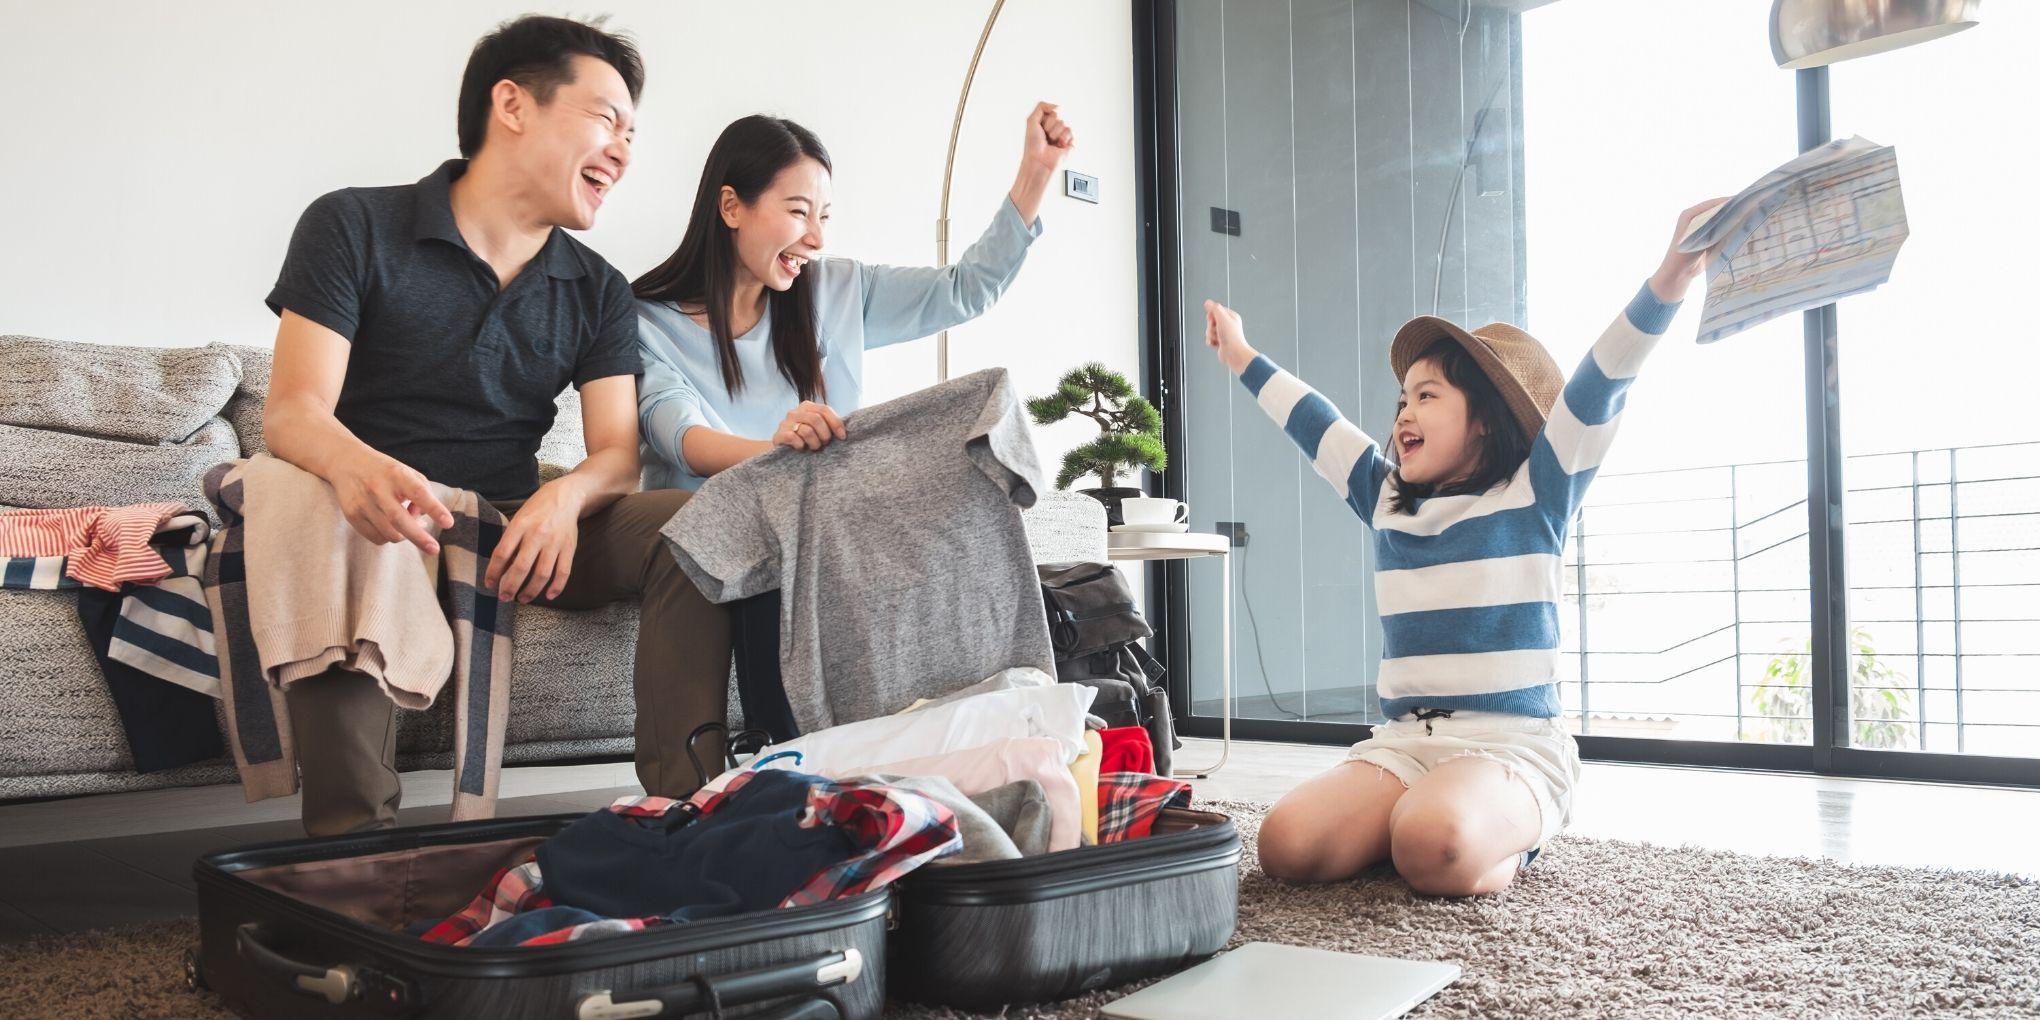 Wirtualna wycieczka dookoła świata dla całej rodziny